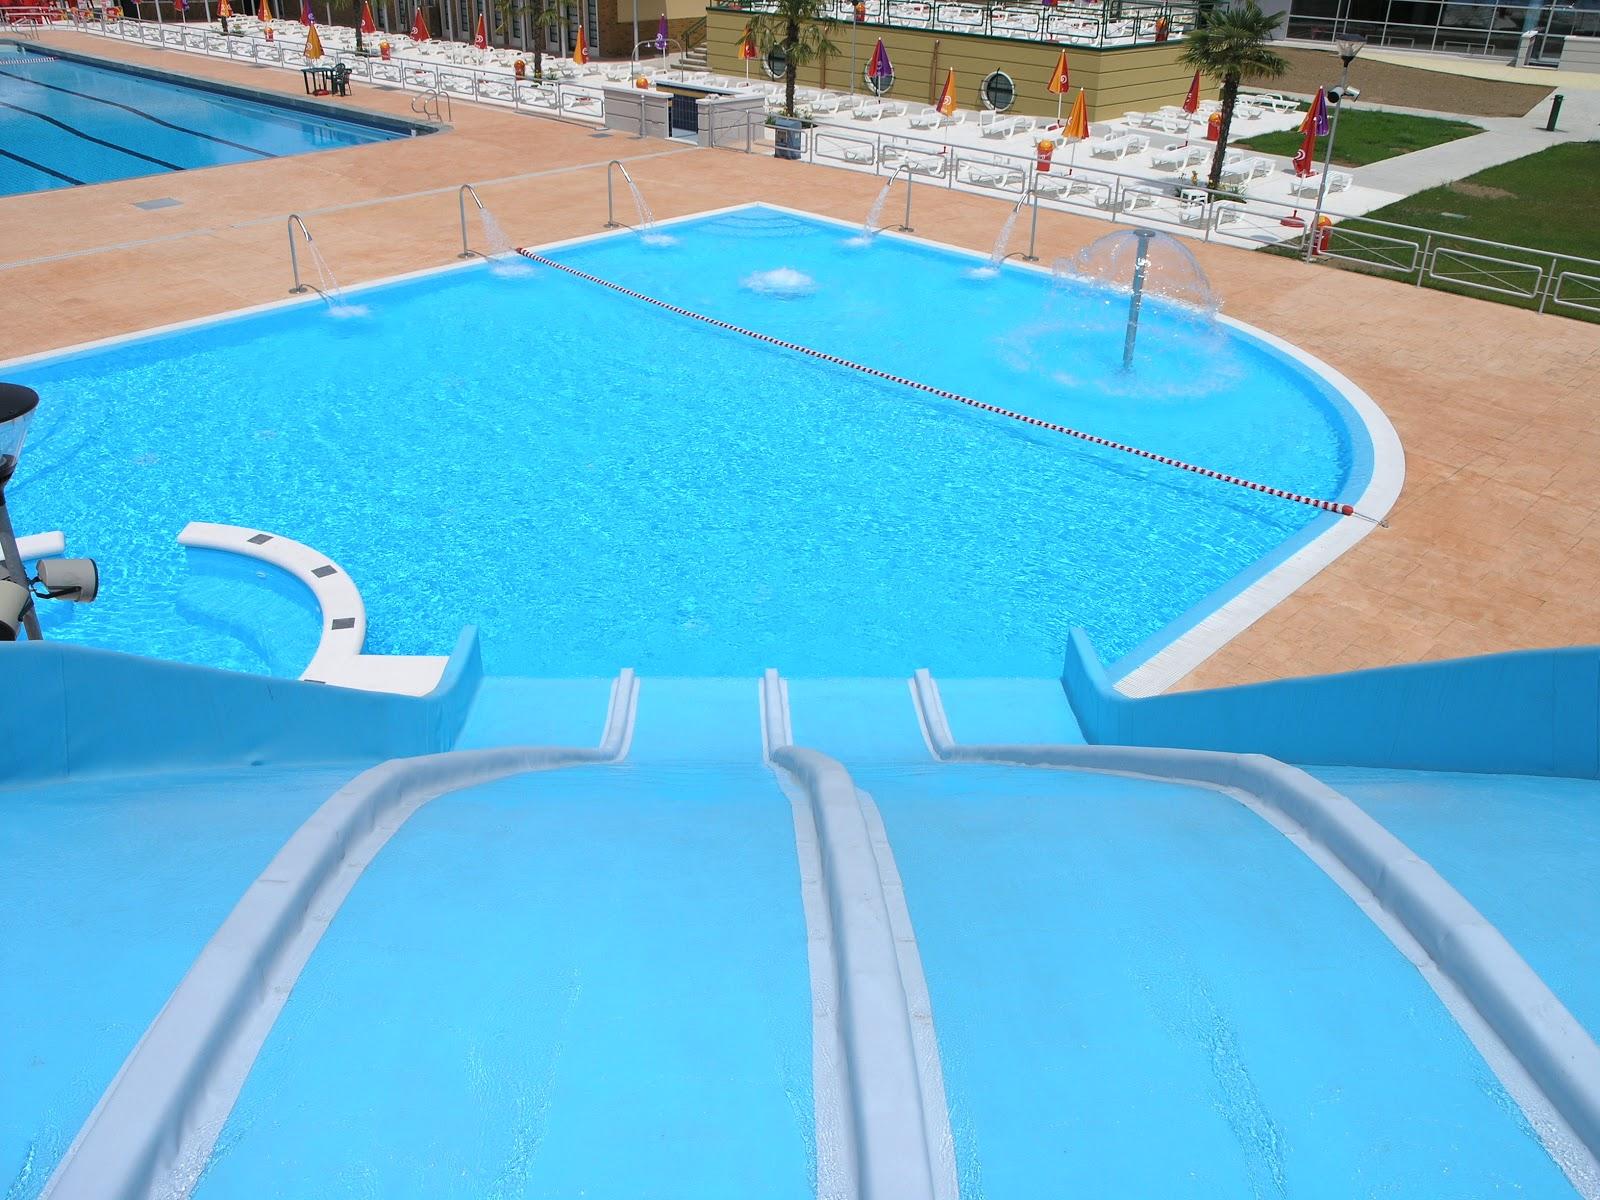 Piscina di dalmine le piscine - Piscina di senago ...